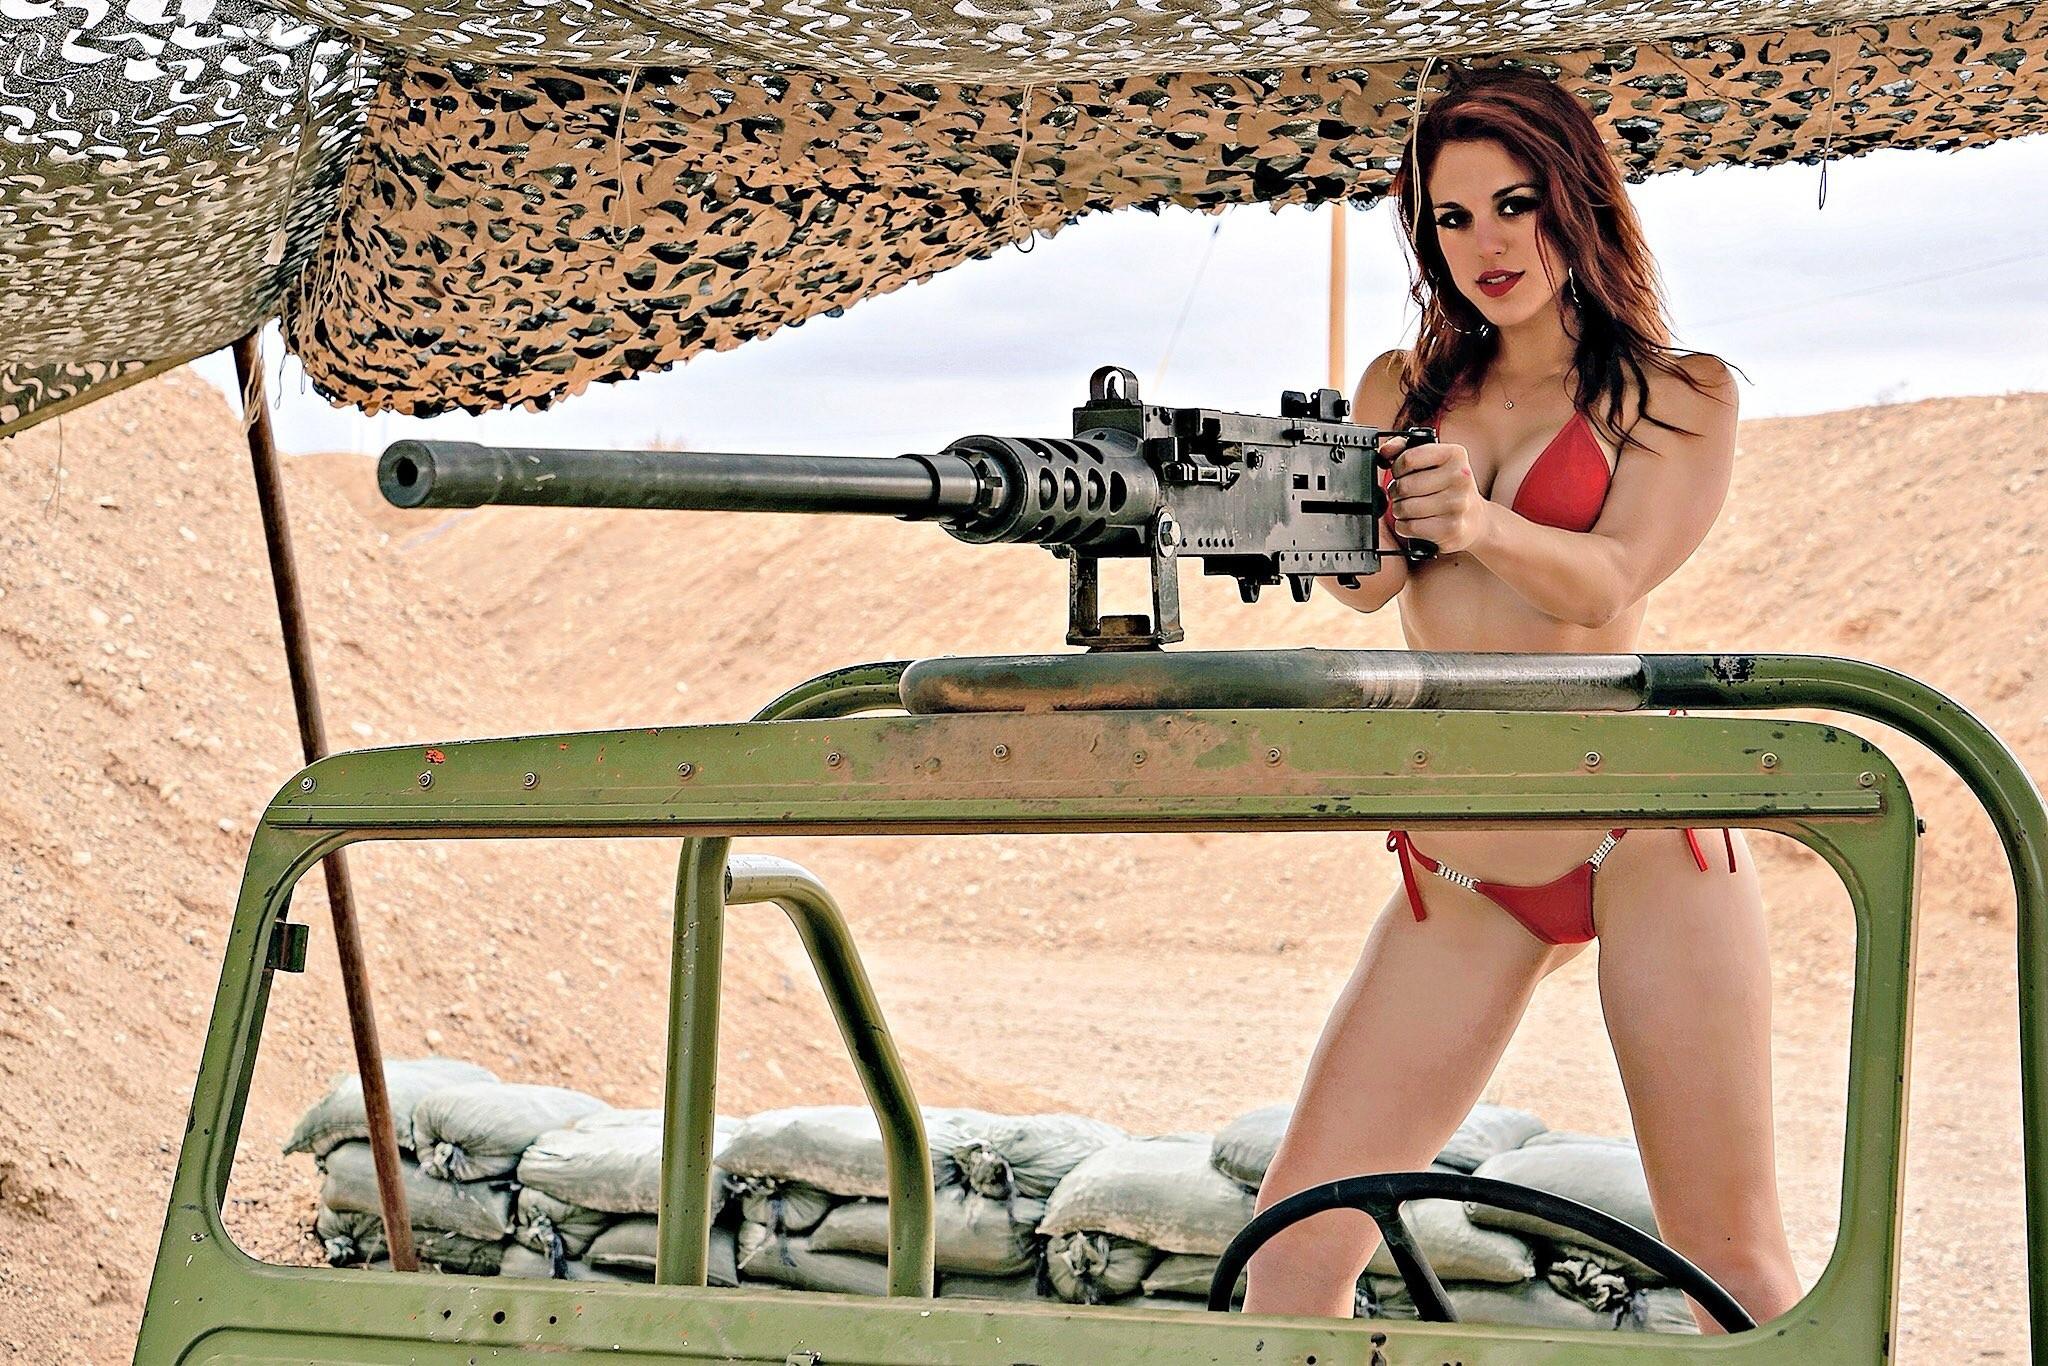 Gun Babe - Page 611